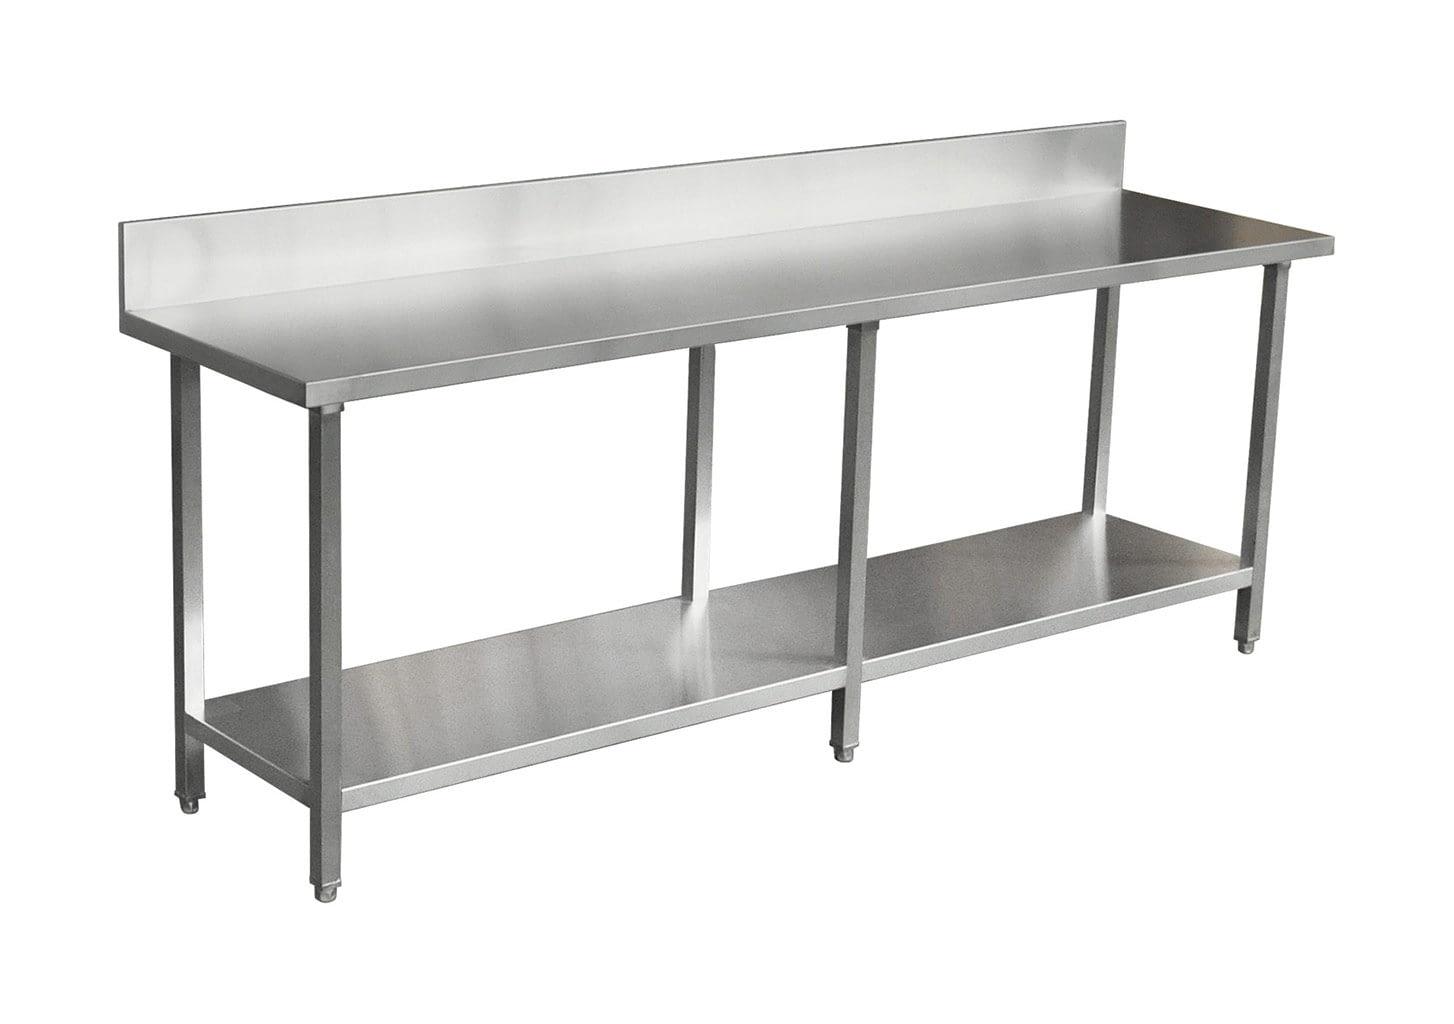 Commercial Grade Stainless Steel Splashback Bench, Premium Range 2400 X 610 X 900mm high